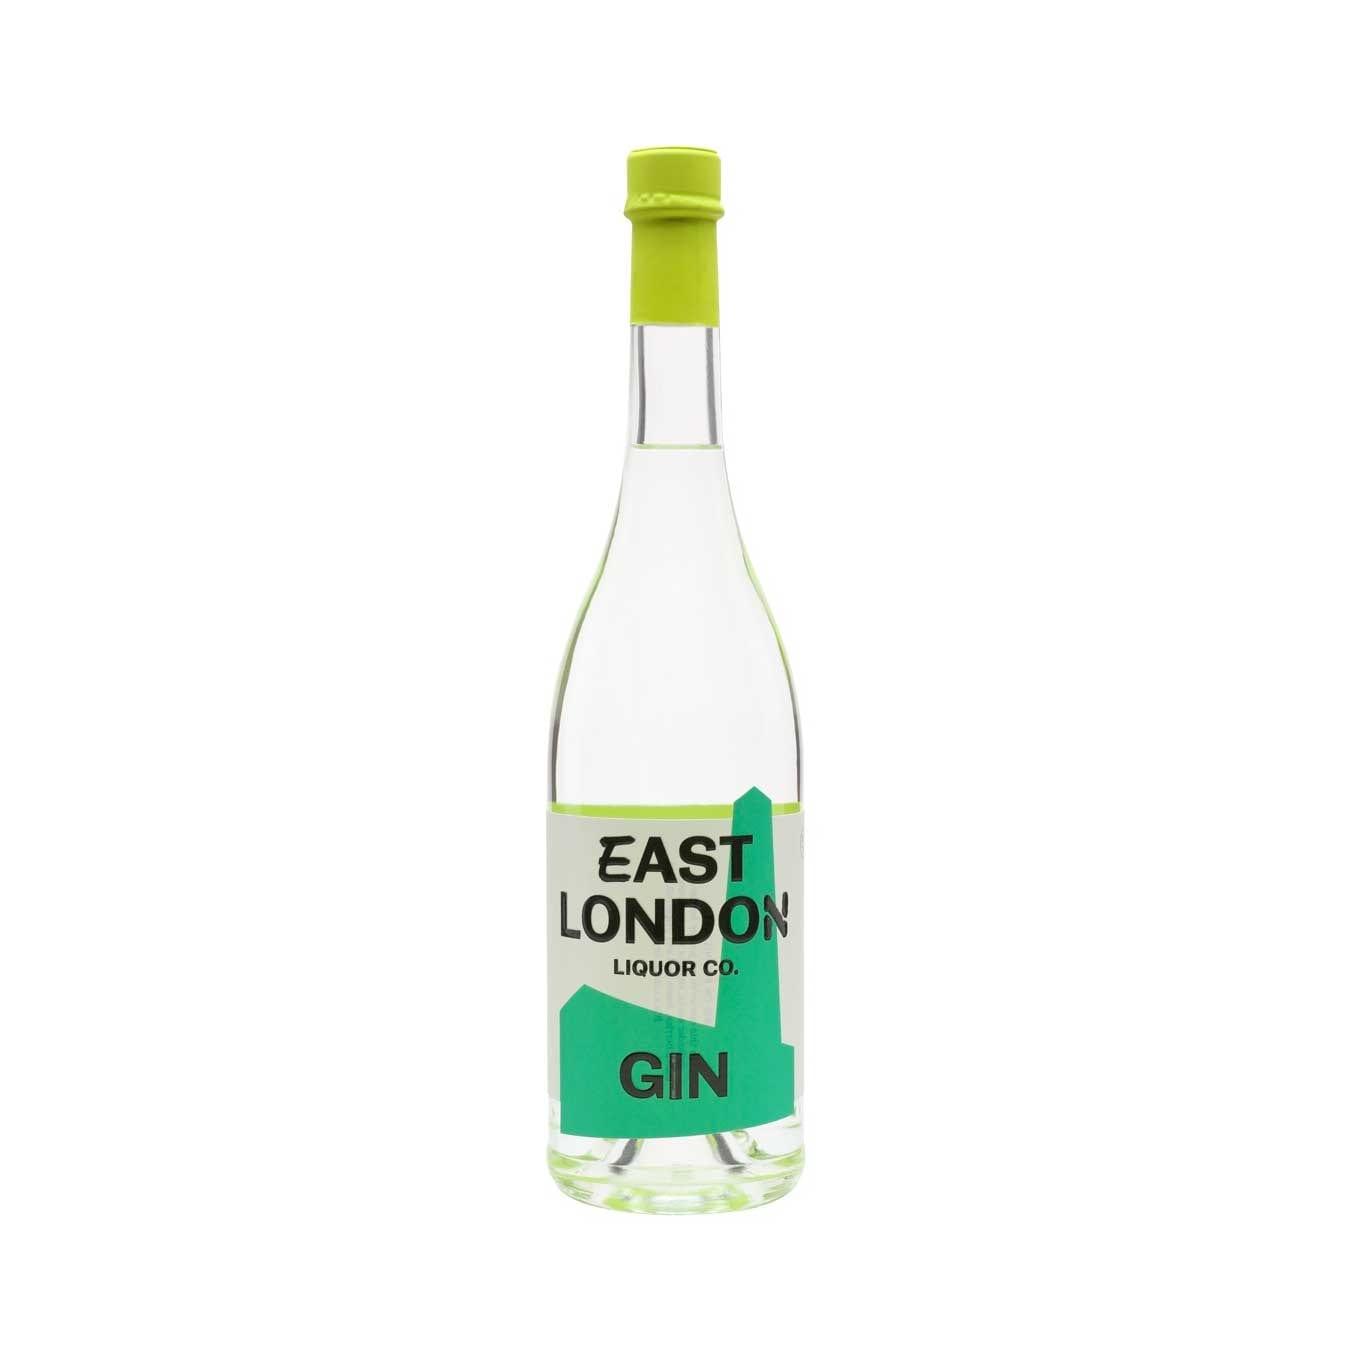 East London Gin